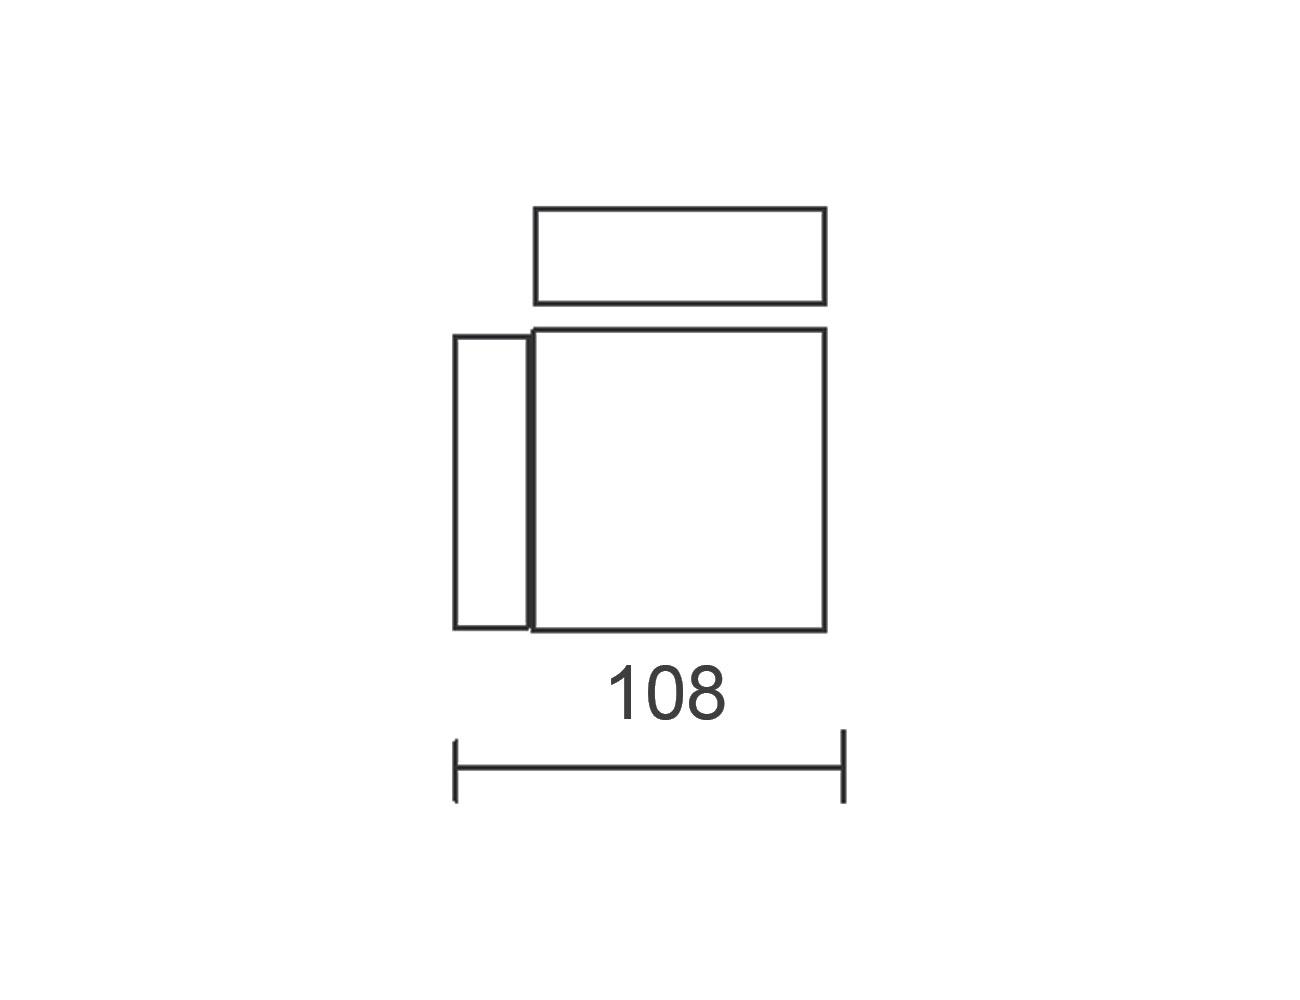 Modulo 1084